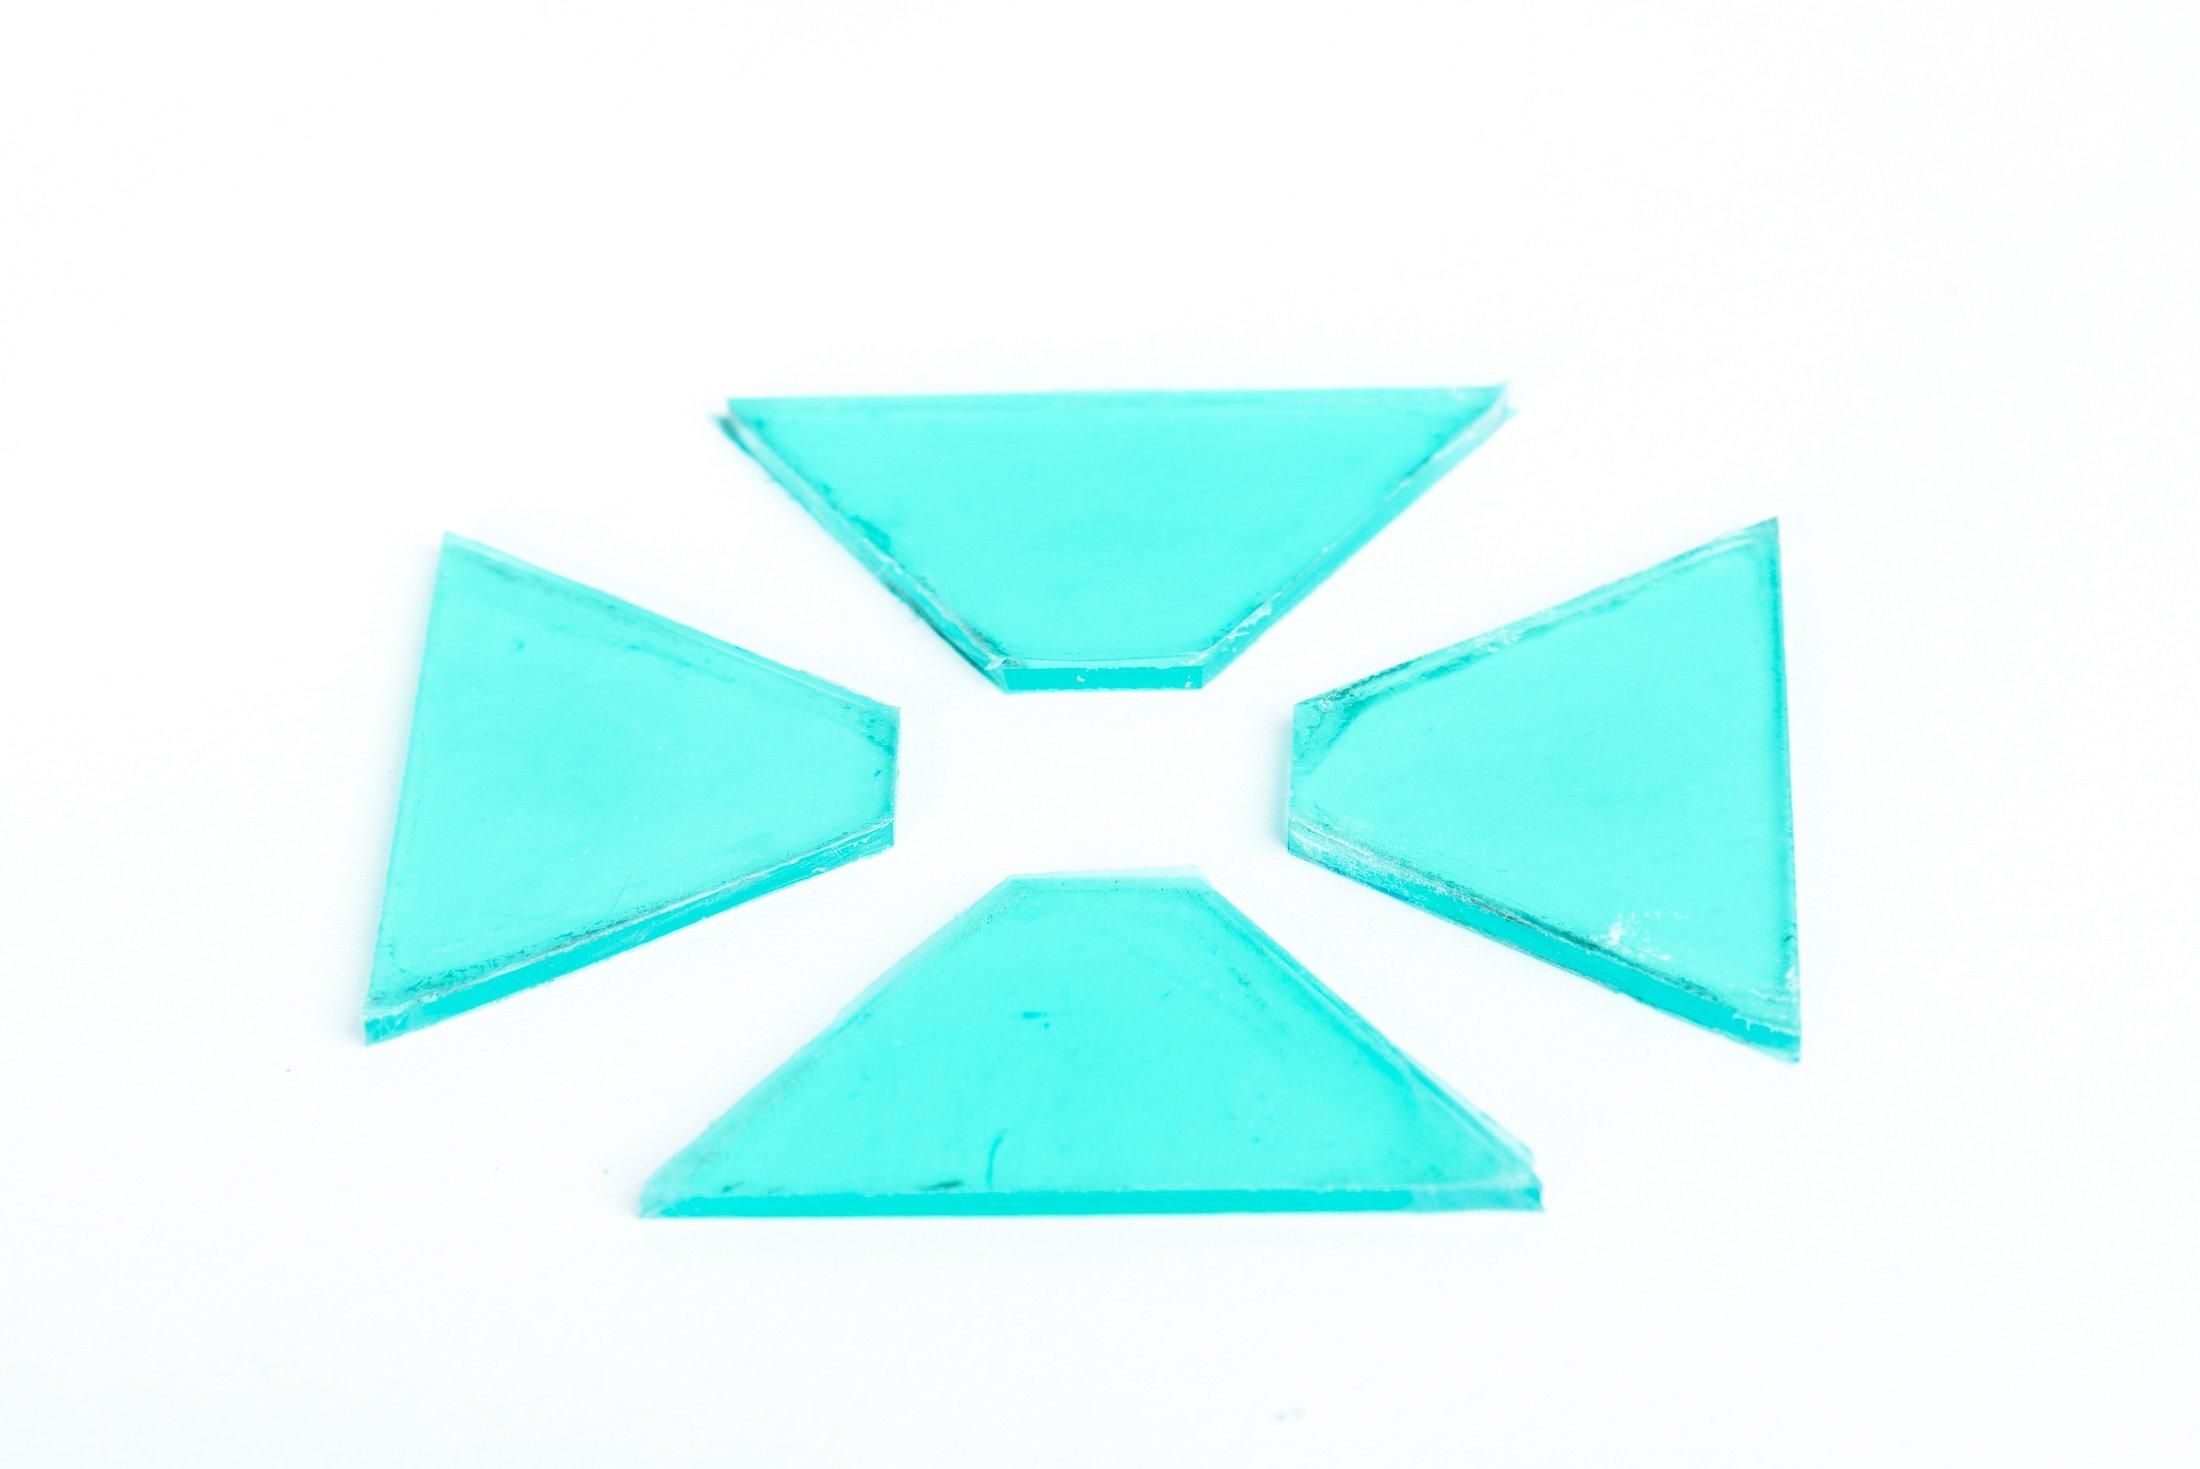 Hologram maken - Plexiglas uitsneden